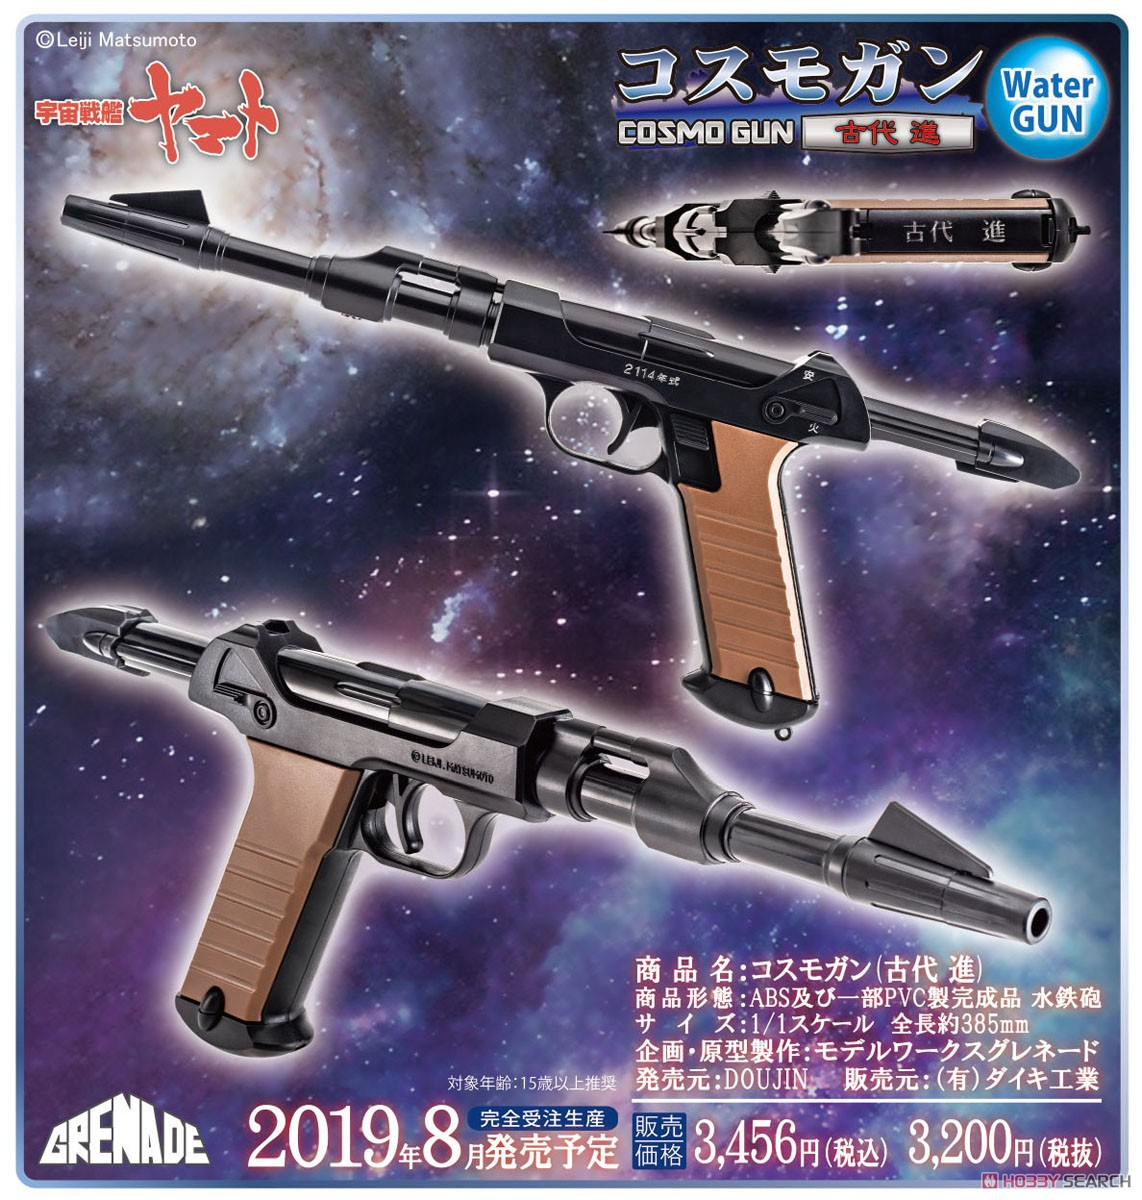 宇宙戦艦ヤマト『コスモガン 古代進』1/1 完成品 ウォーターガン-009